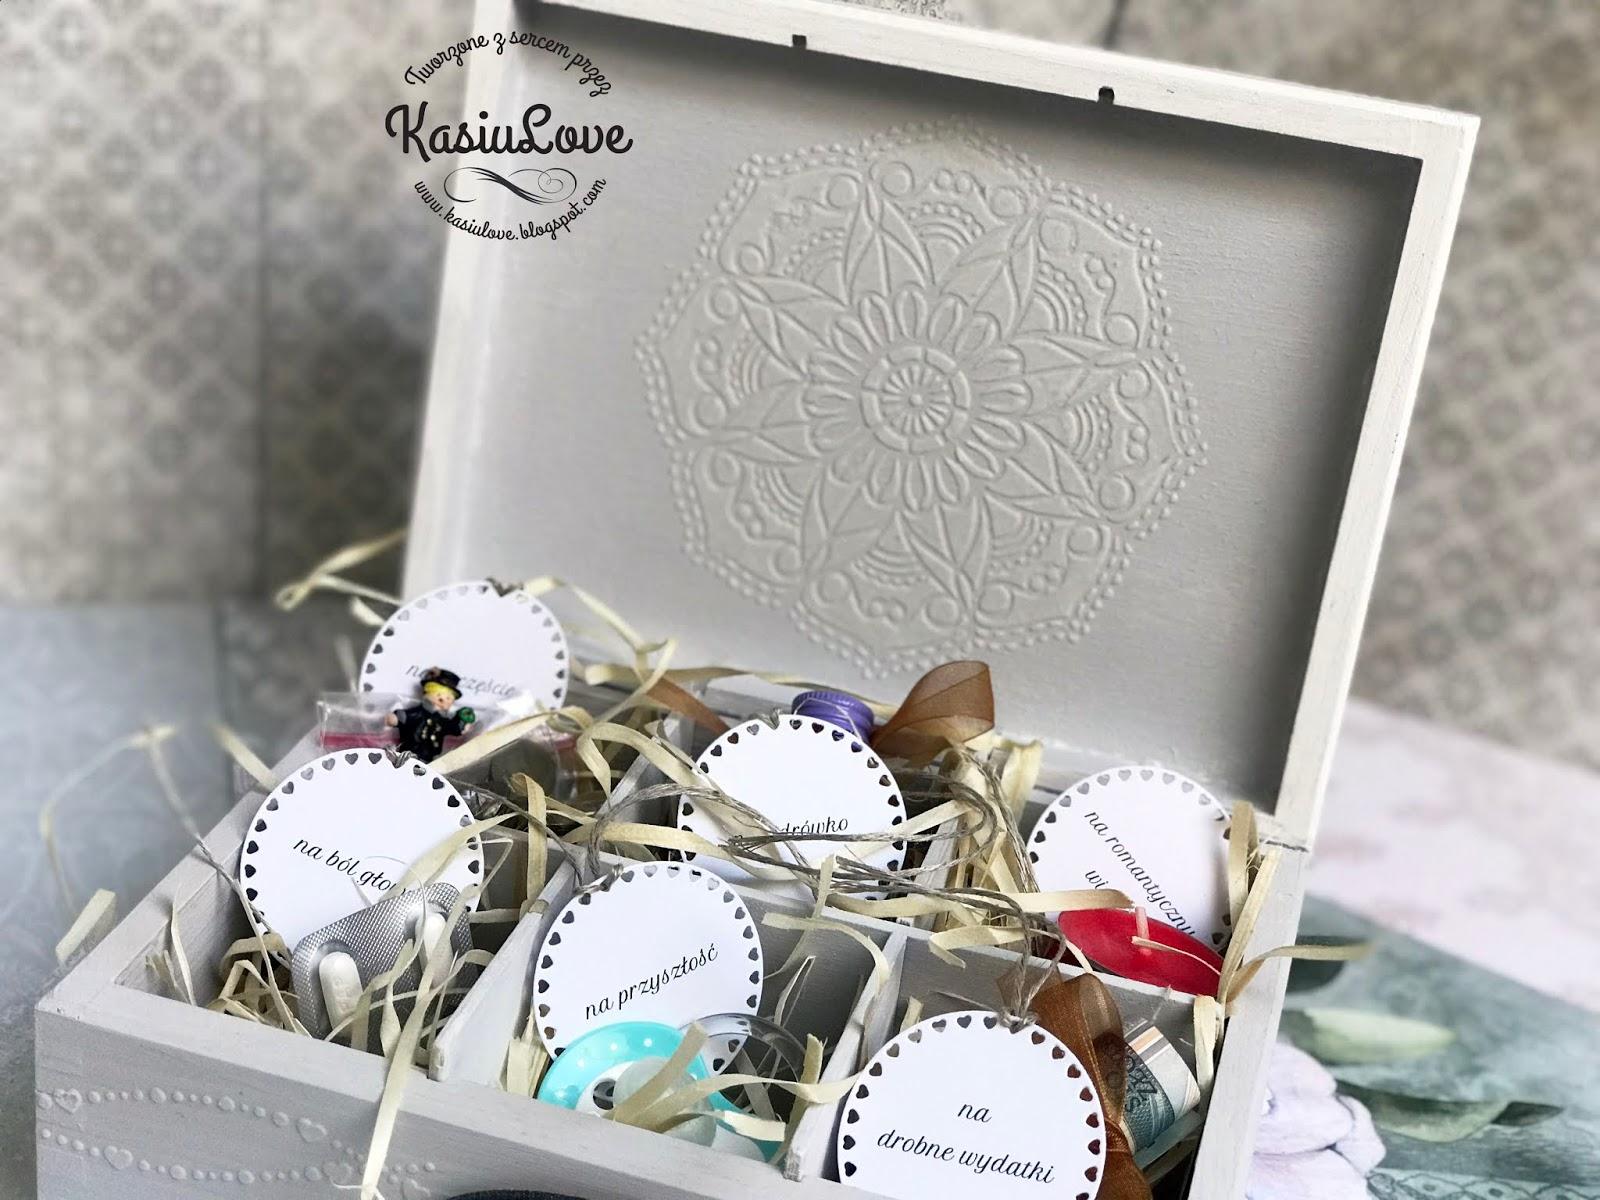 Bardzo dobry KasiuLove: prezent na ślub - niezbędnik małżeński XB79